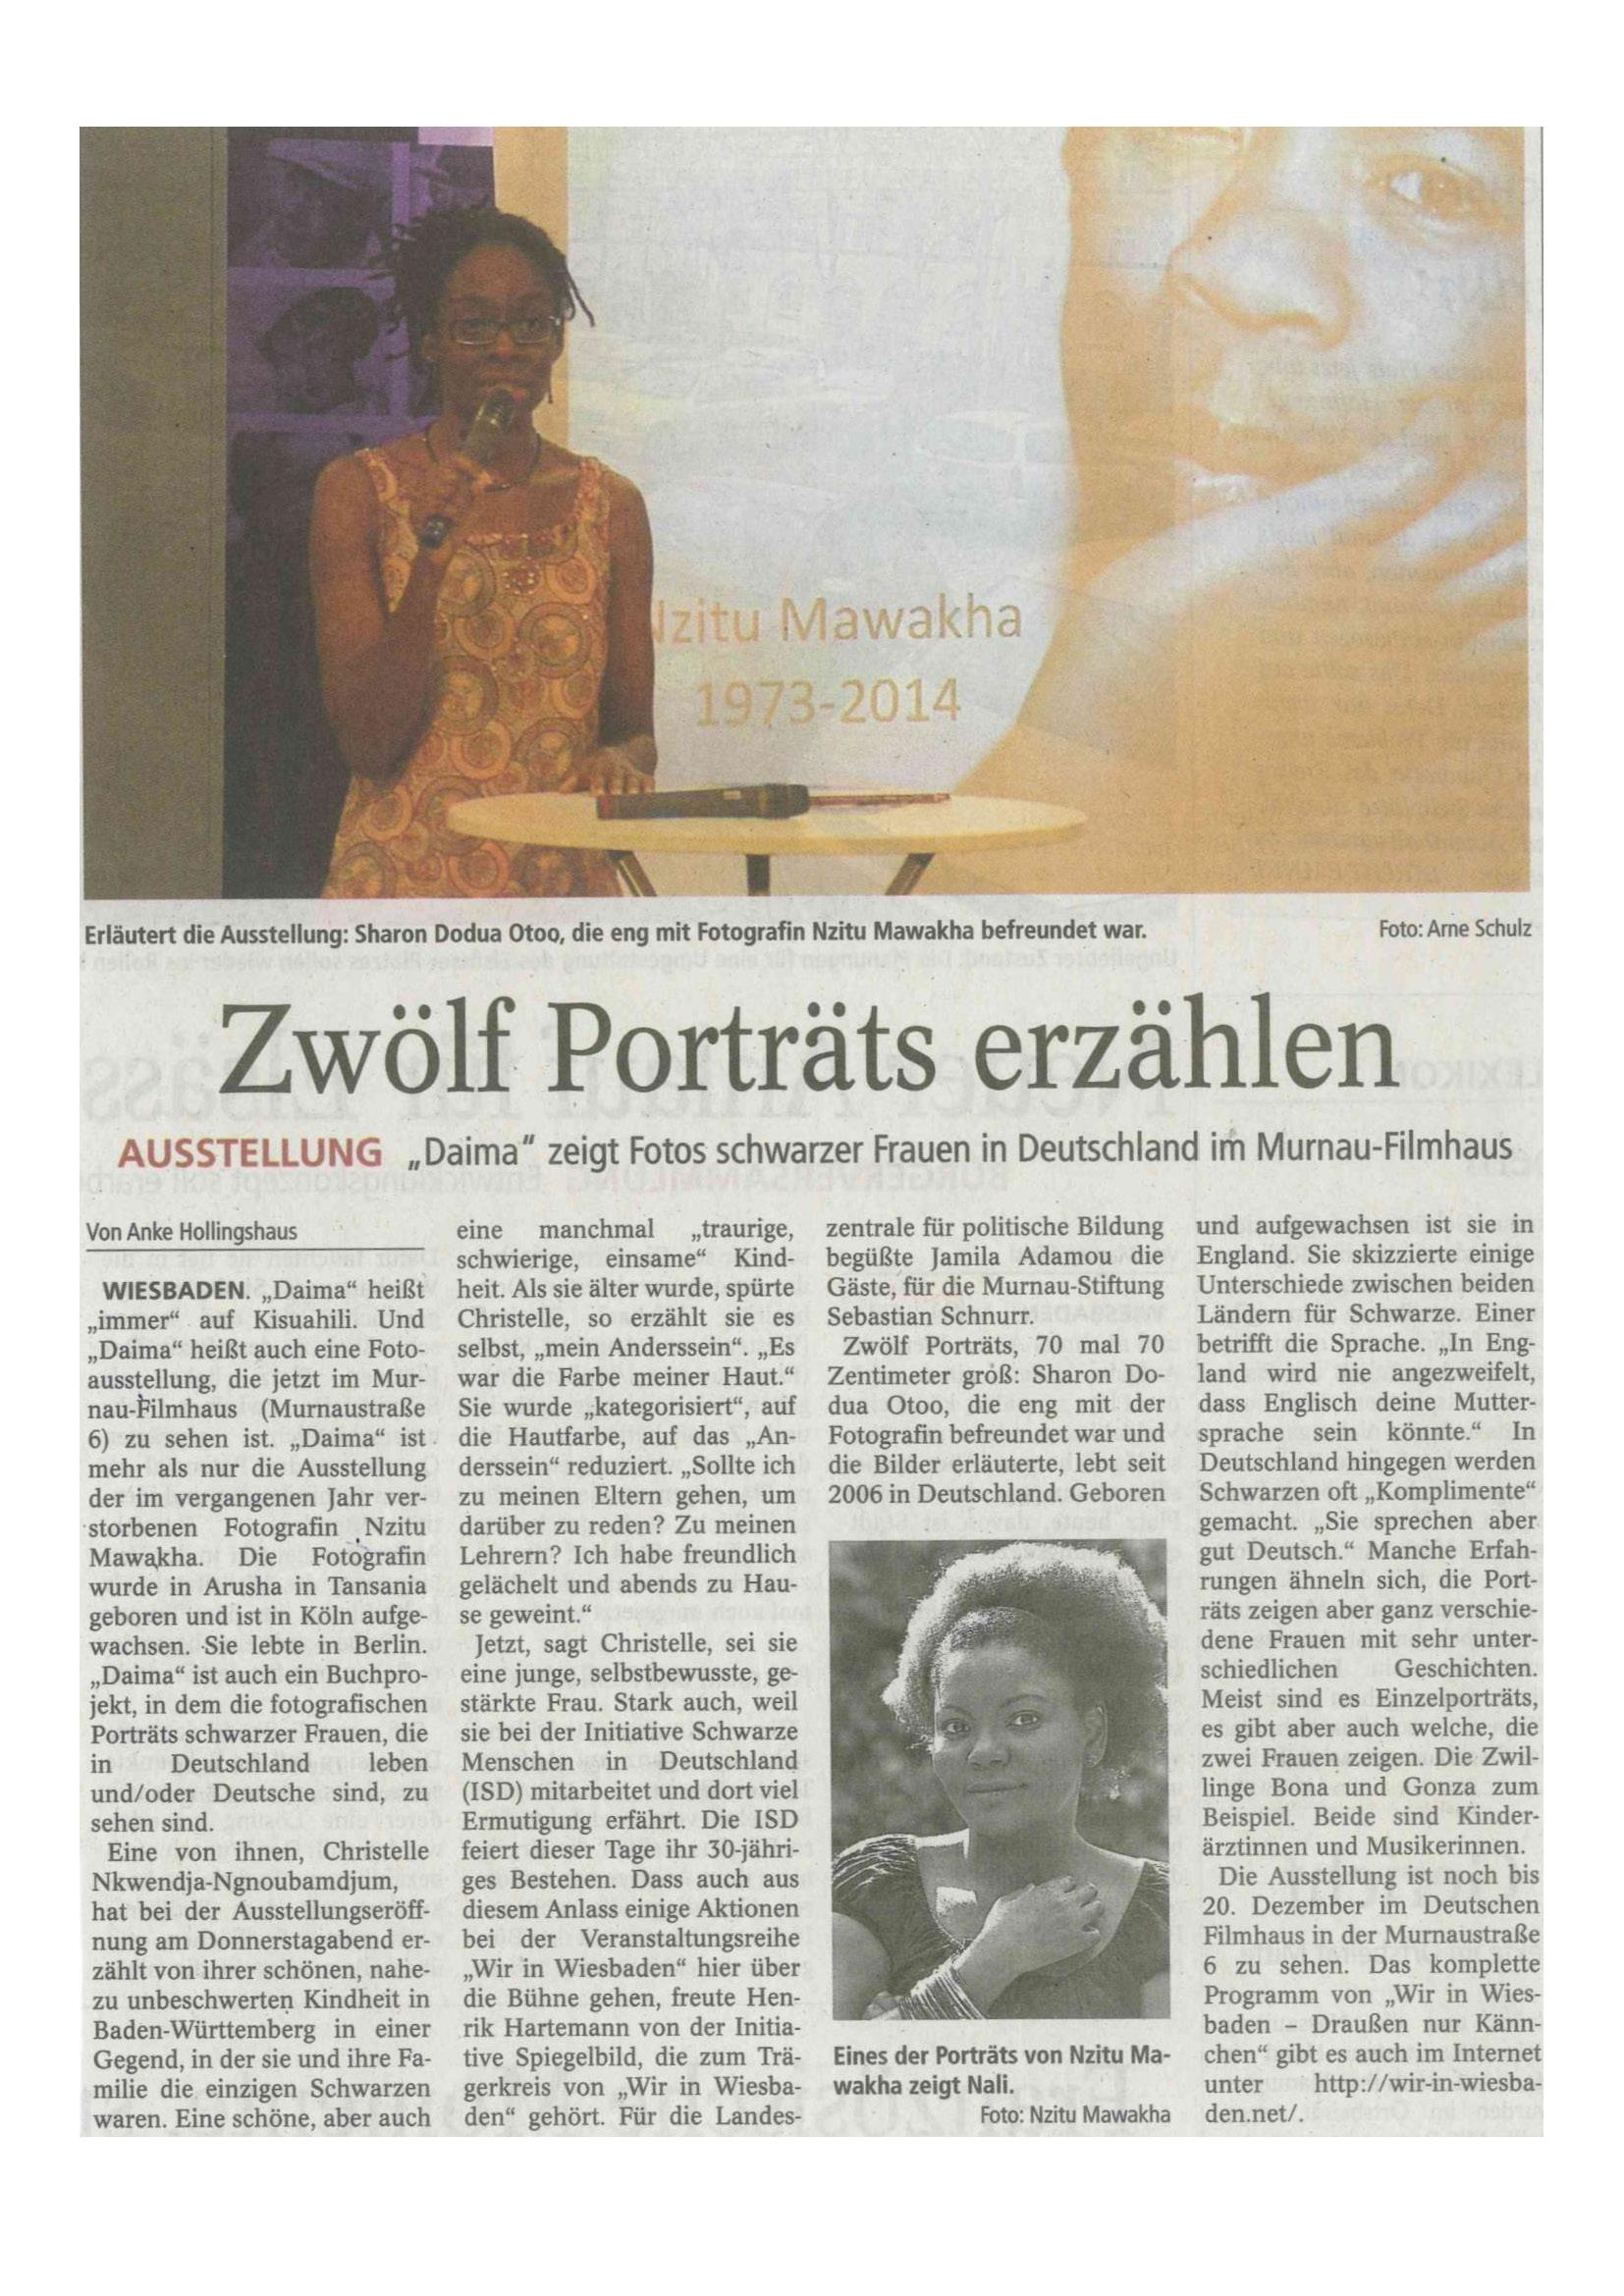 2015-11-14_Wiesbandener Tagblatt – Zwölf Porträts erzaehlen